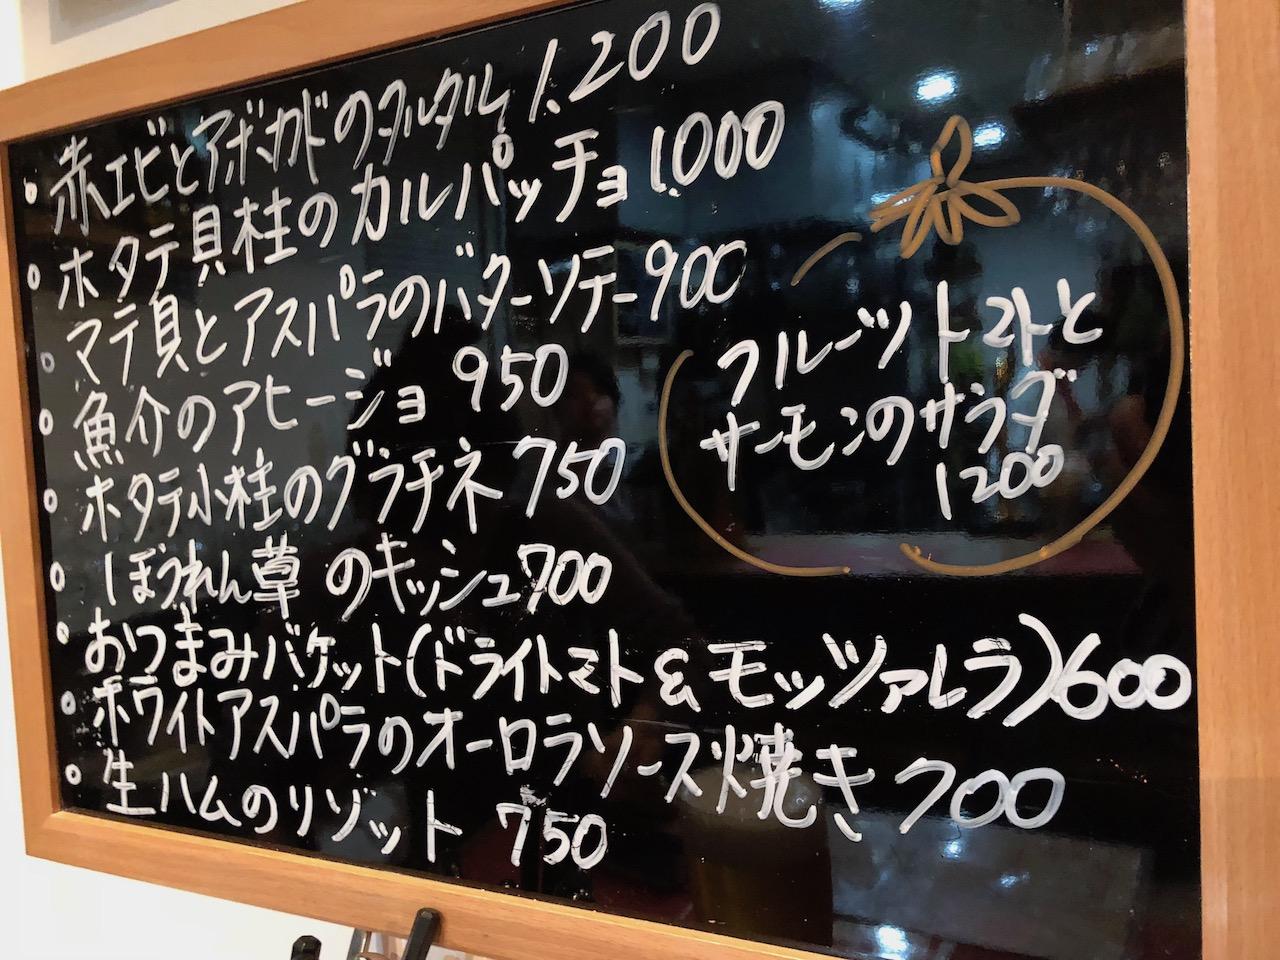 姫路駅前でフレンチ?ビストロ リエリエに行ってきた!店主の名前はまさかの・・・